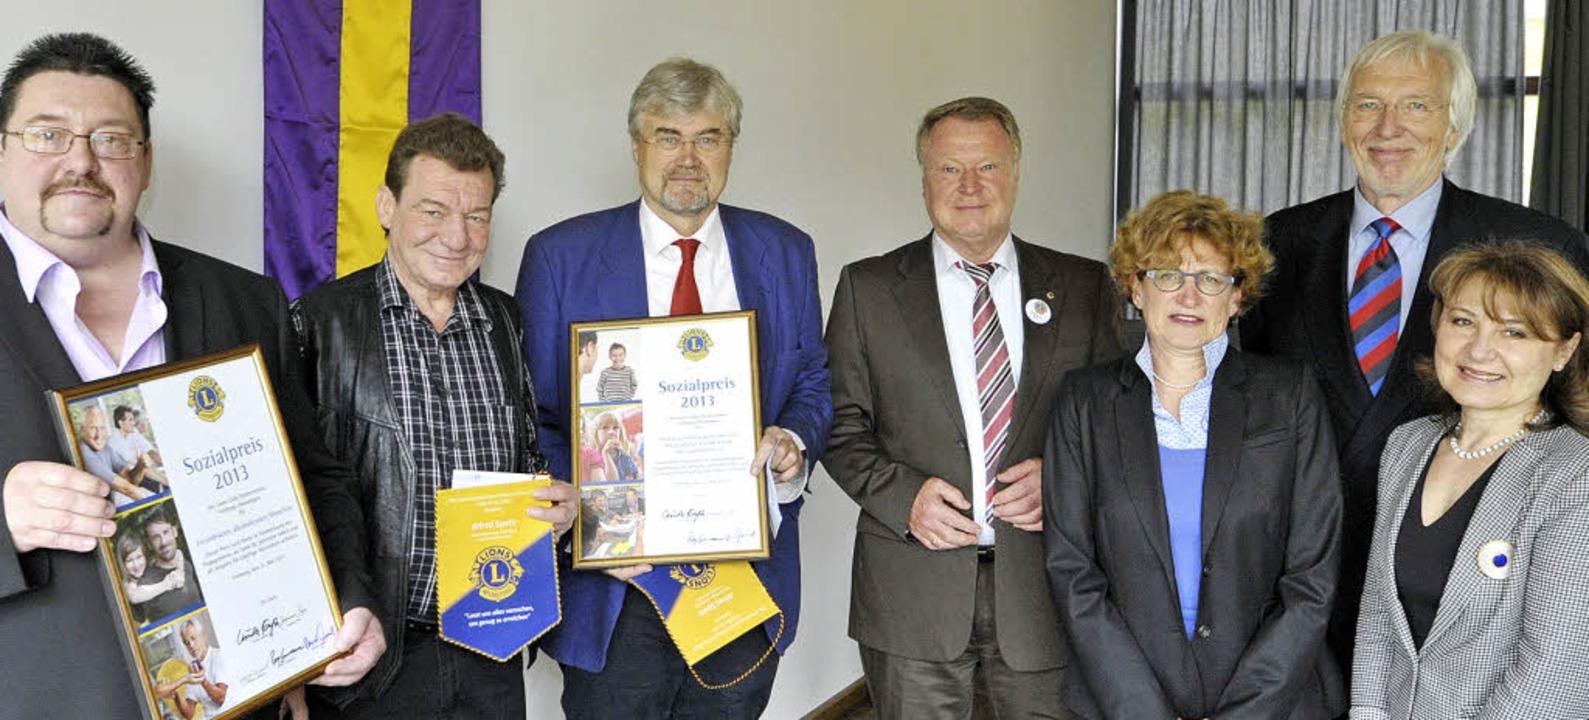 Bei der Verleihung des Sozialpreises, ...na Prpic vom  Lions-Club (von links).   | Foto: Michael Bamberger